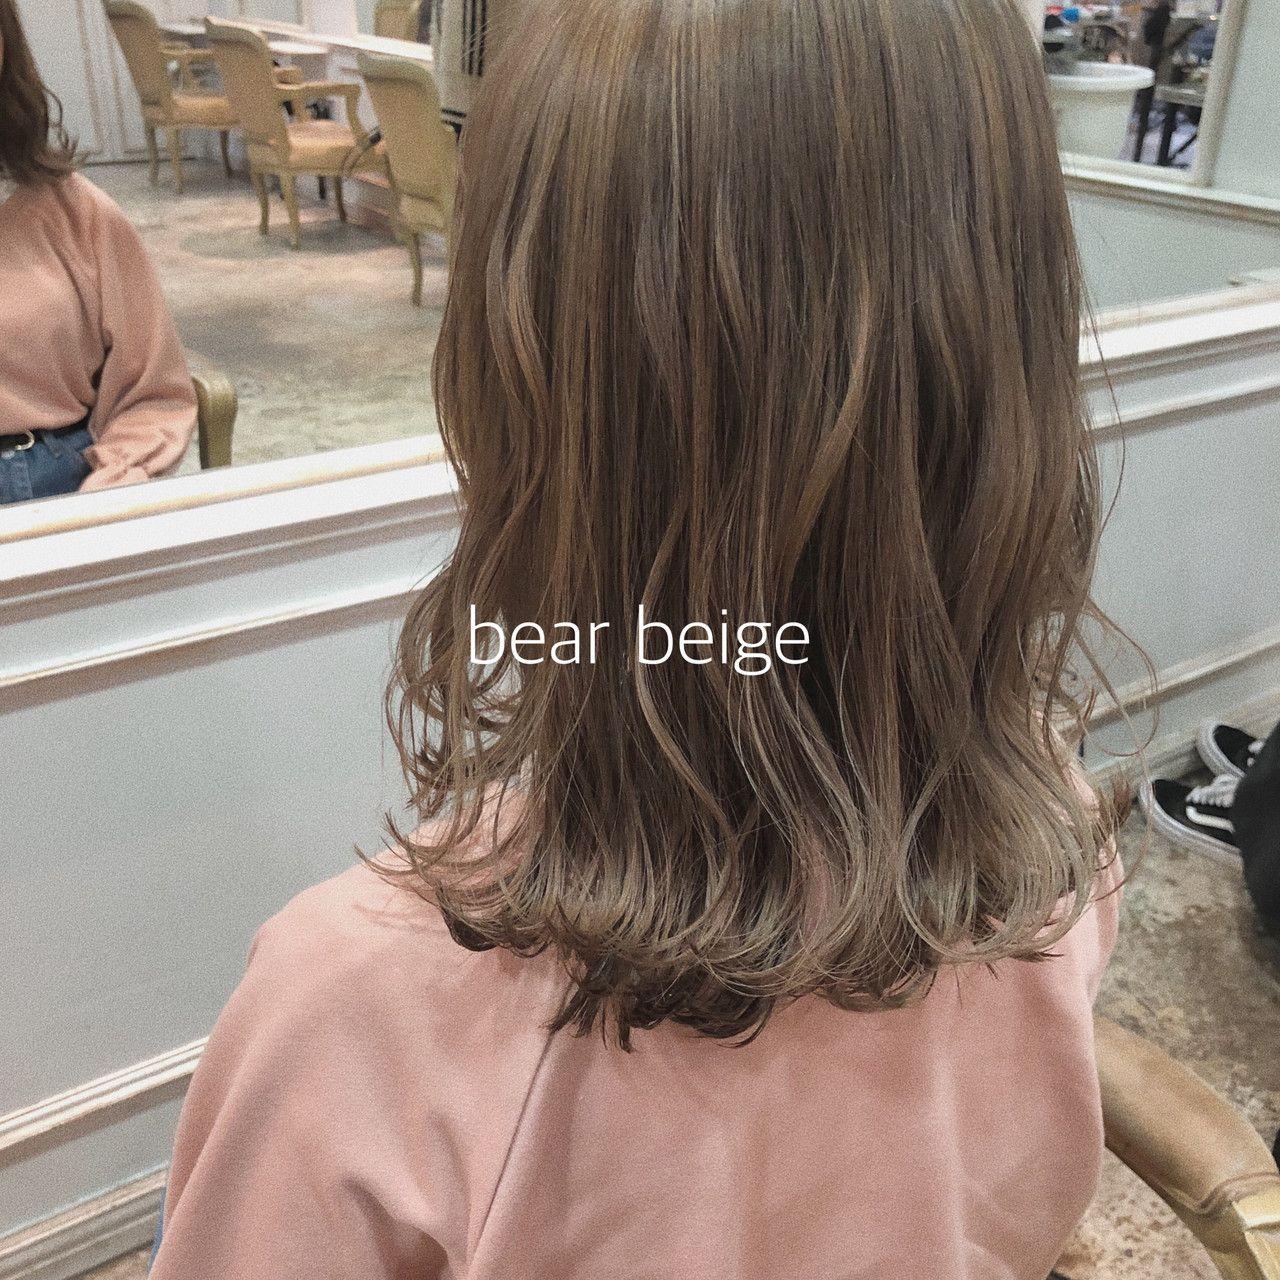 ヘアアレンジ ミルクティーベージュ イルミナカラー ナチュラルベージュ H Eitf Ikeo Gaku 464242 Hair 画像あり ヘア アイディア カラフルヘア ヘアスタイリング